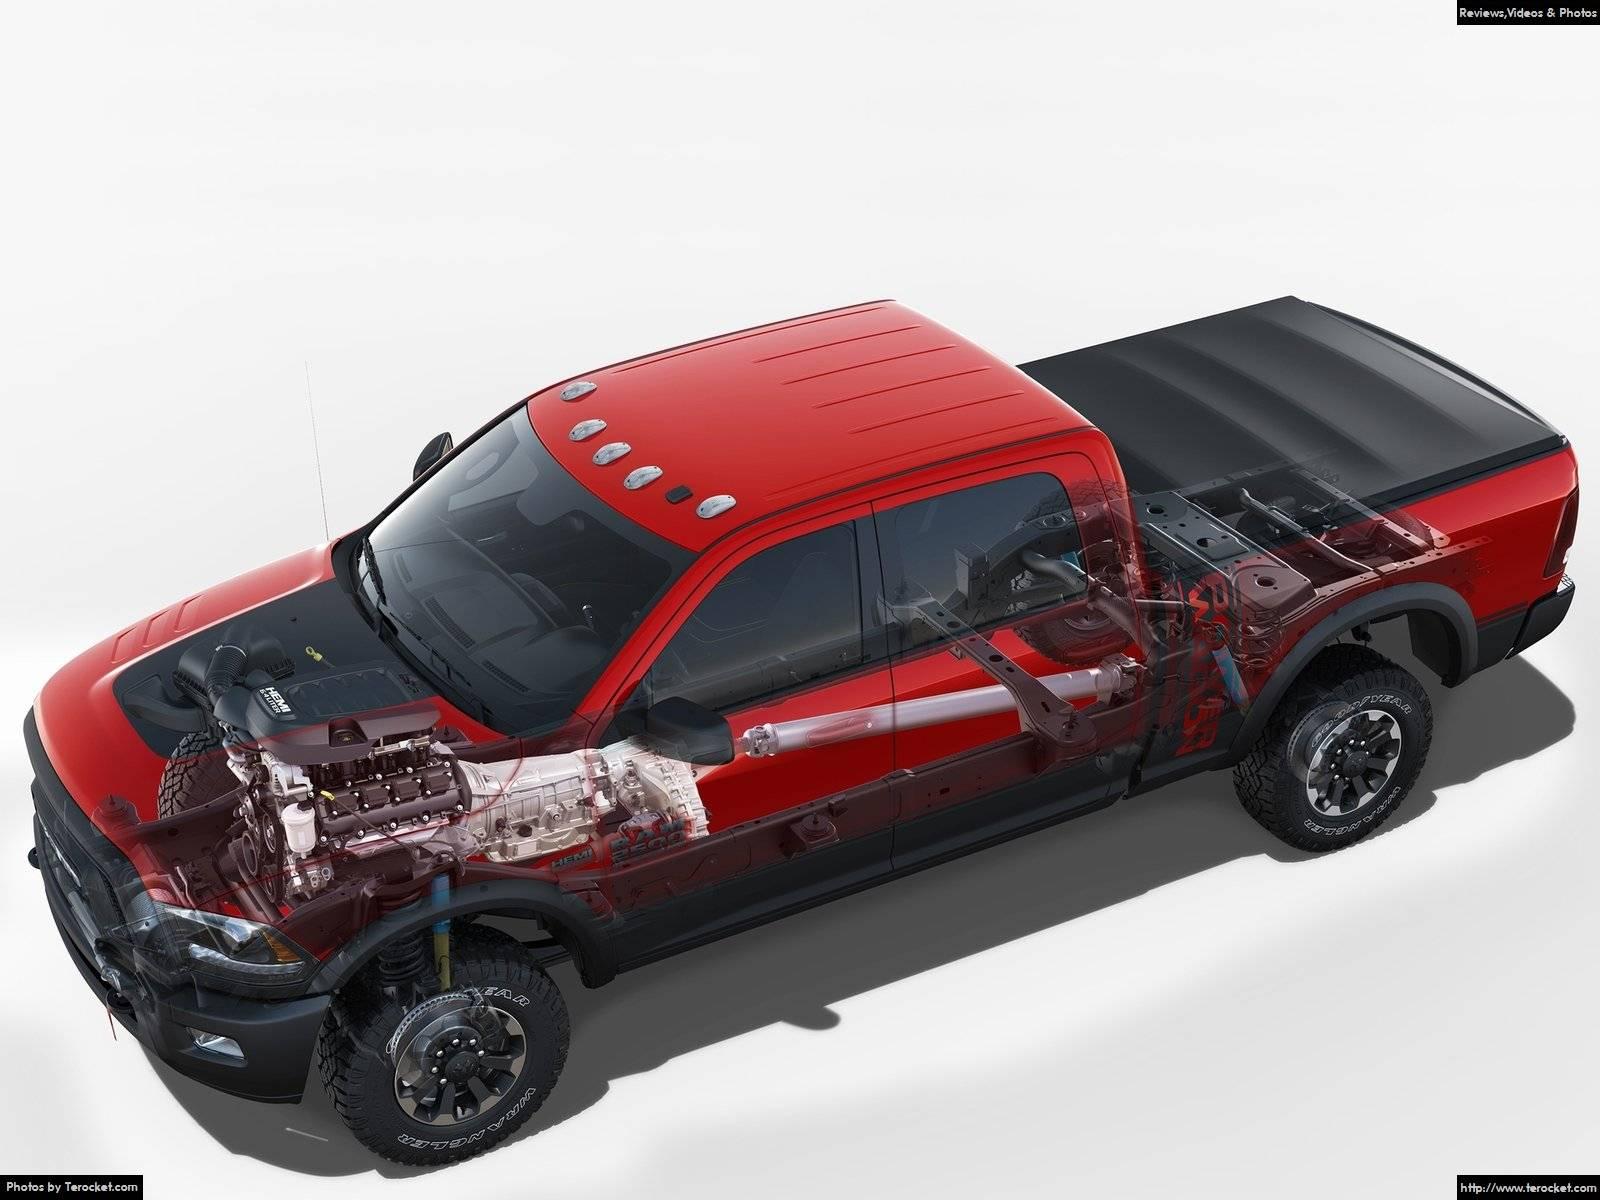 Hình ảnh xe ô tô Ram Power Wagon 2017 & nội ngoại thất